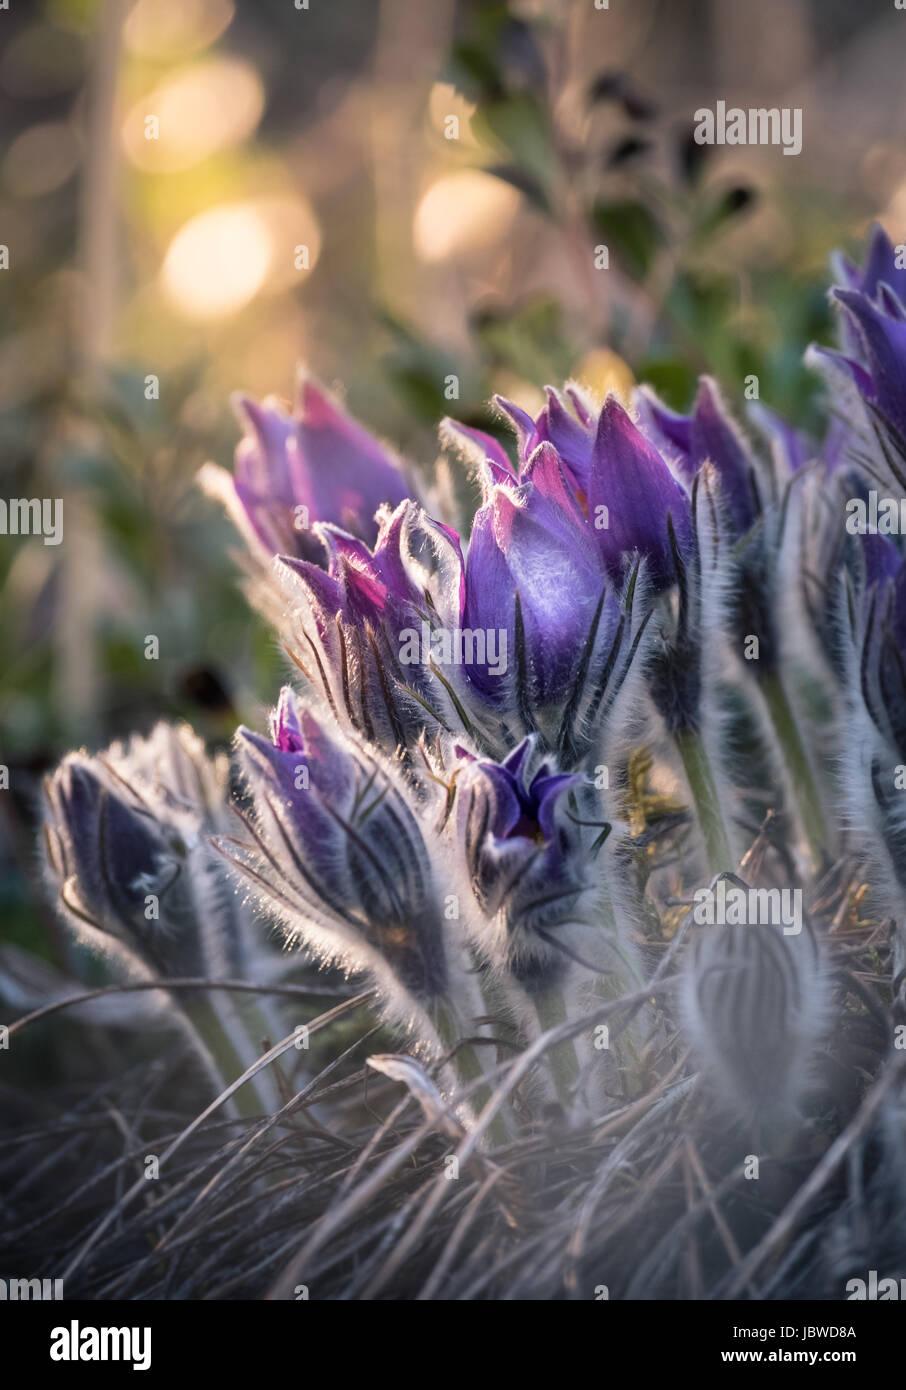 Très rare Pulsatilla patens fleur dans la lumière du soir. Photo Stock